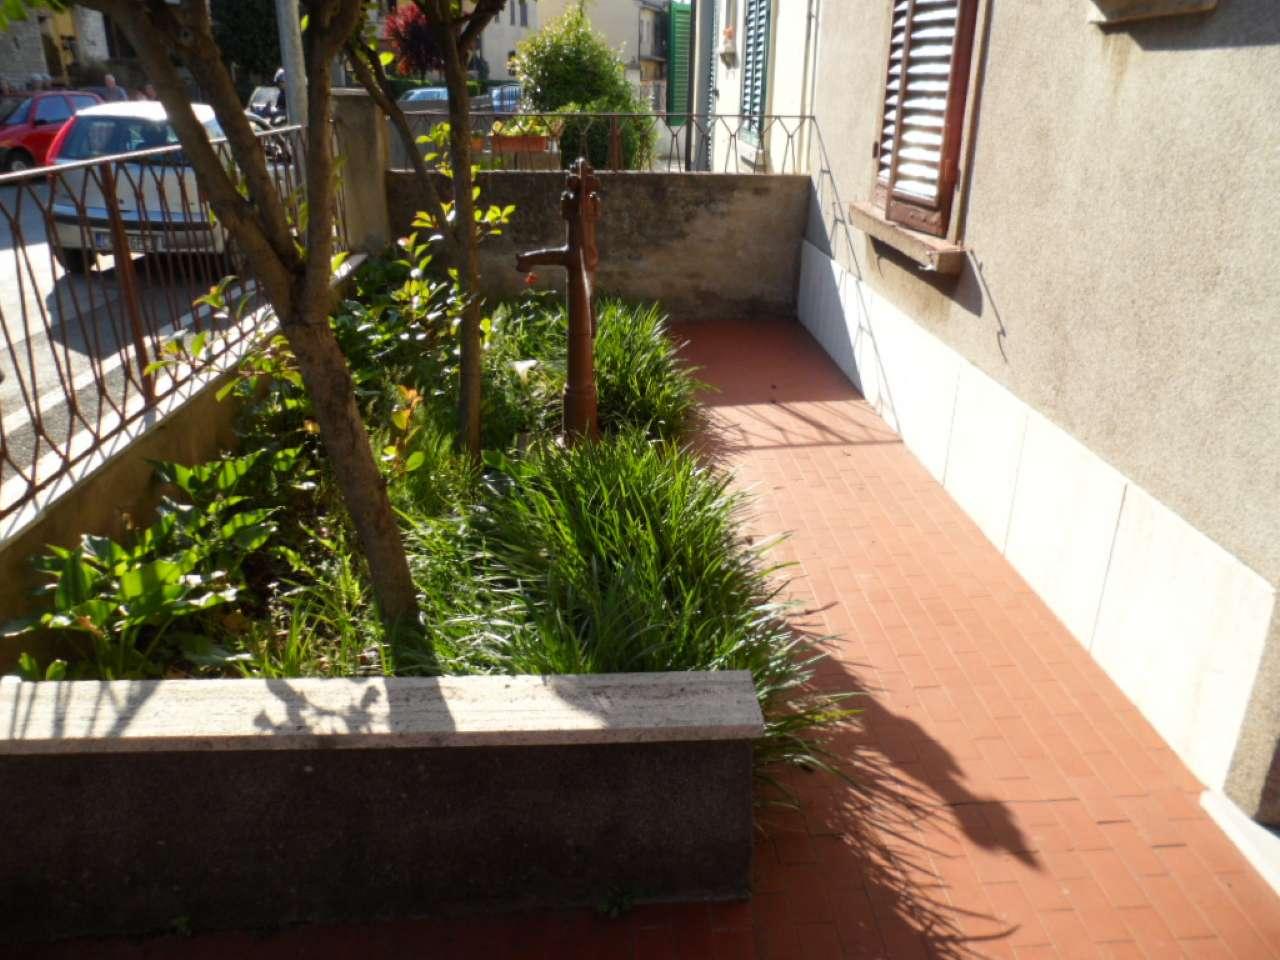 Palazzo / Stabile in vendita a Prato, 5 locali, prezzo € 330.000 | CambioCasa.it